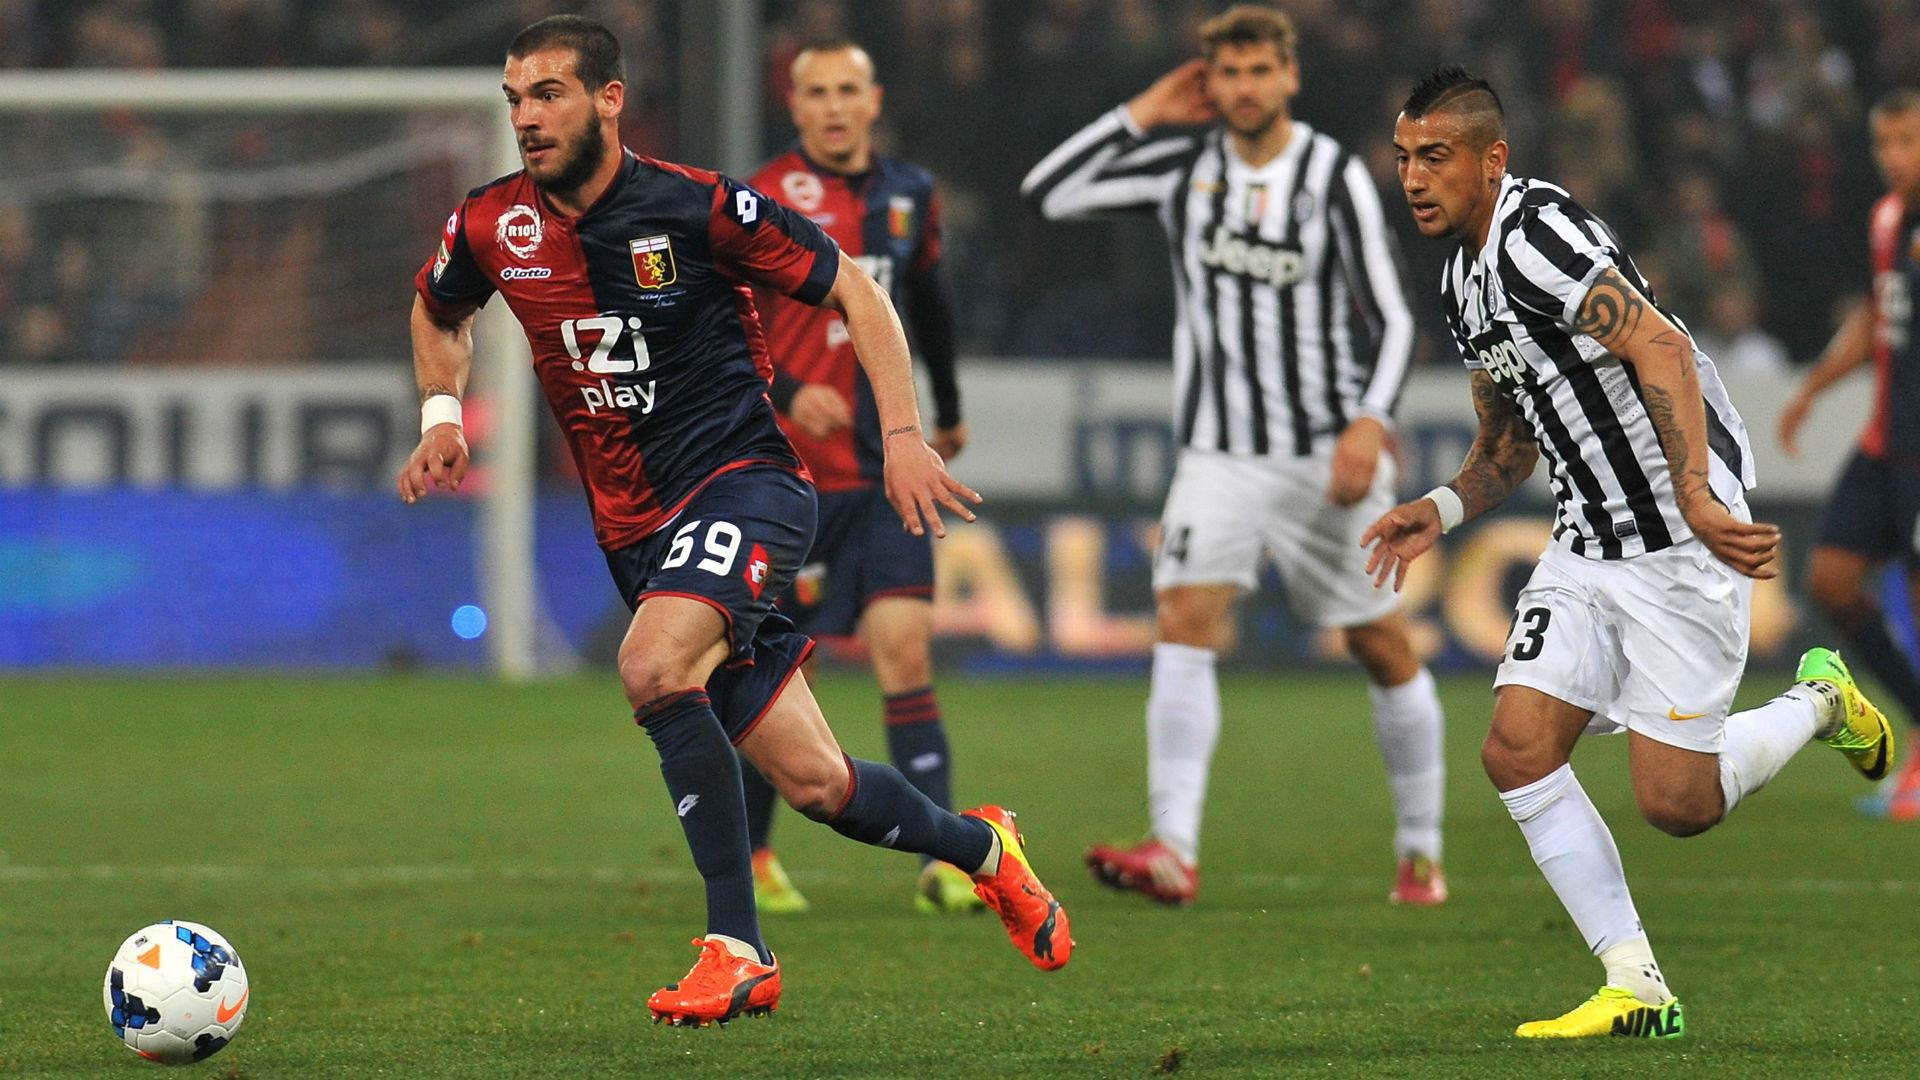 Ufficiale, Sturaro al Genoa a titolo definitivo: cifre e dettagli